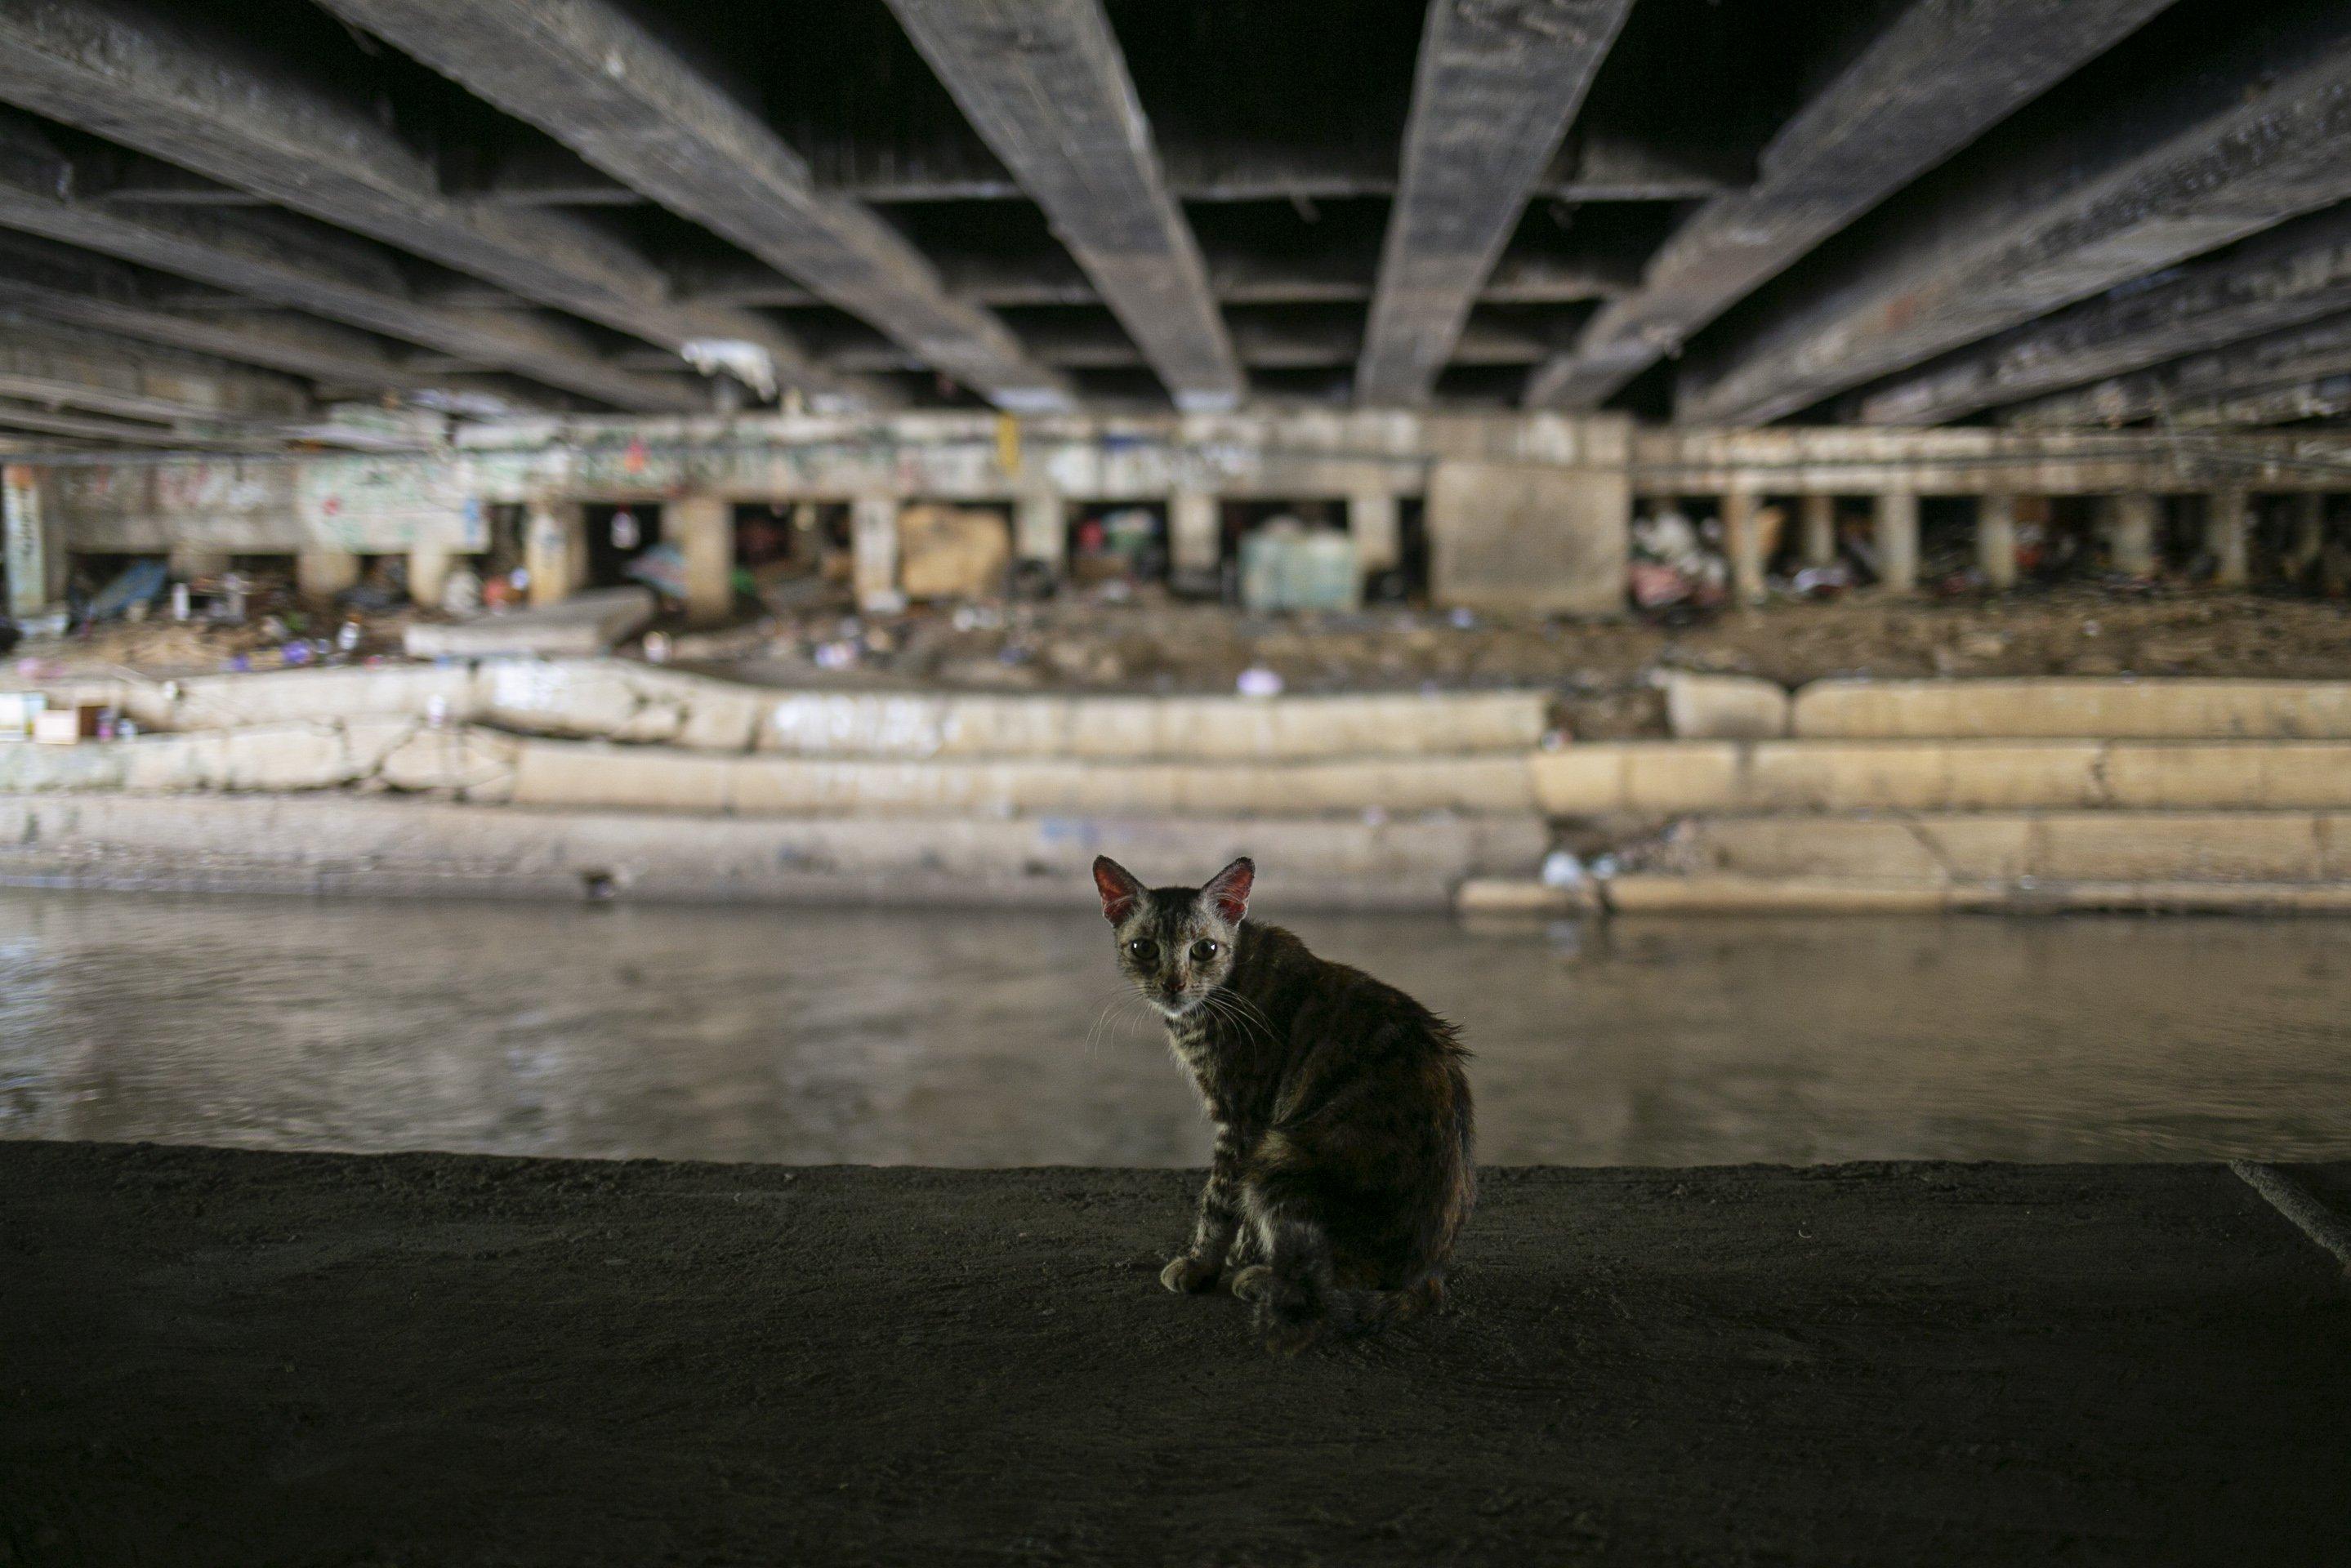 Kucing di kolong jembatan Jalan Proklamasi, Pegangsaan, Menteng, Jakarta, Selasa (28/12/2020). Kurang lebih sebanyak 12 hunian liar ditertibkan oleh petugas dari Kelurahan Pegangsaan, setelah sebelumnya Menteri Sosial Tri Rismaharini melakukan sidak di kolong jembatan tersebut.